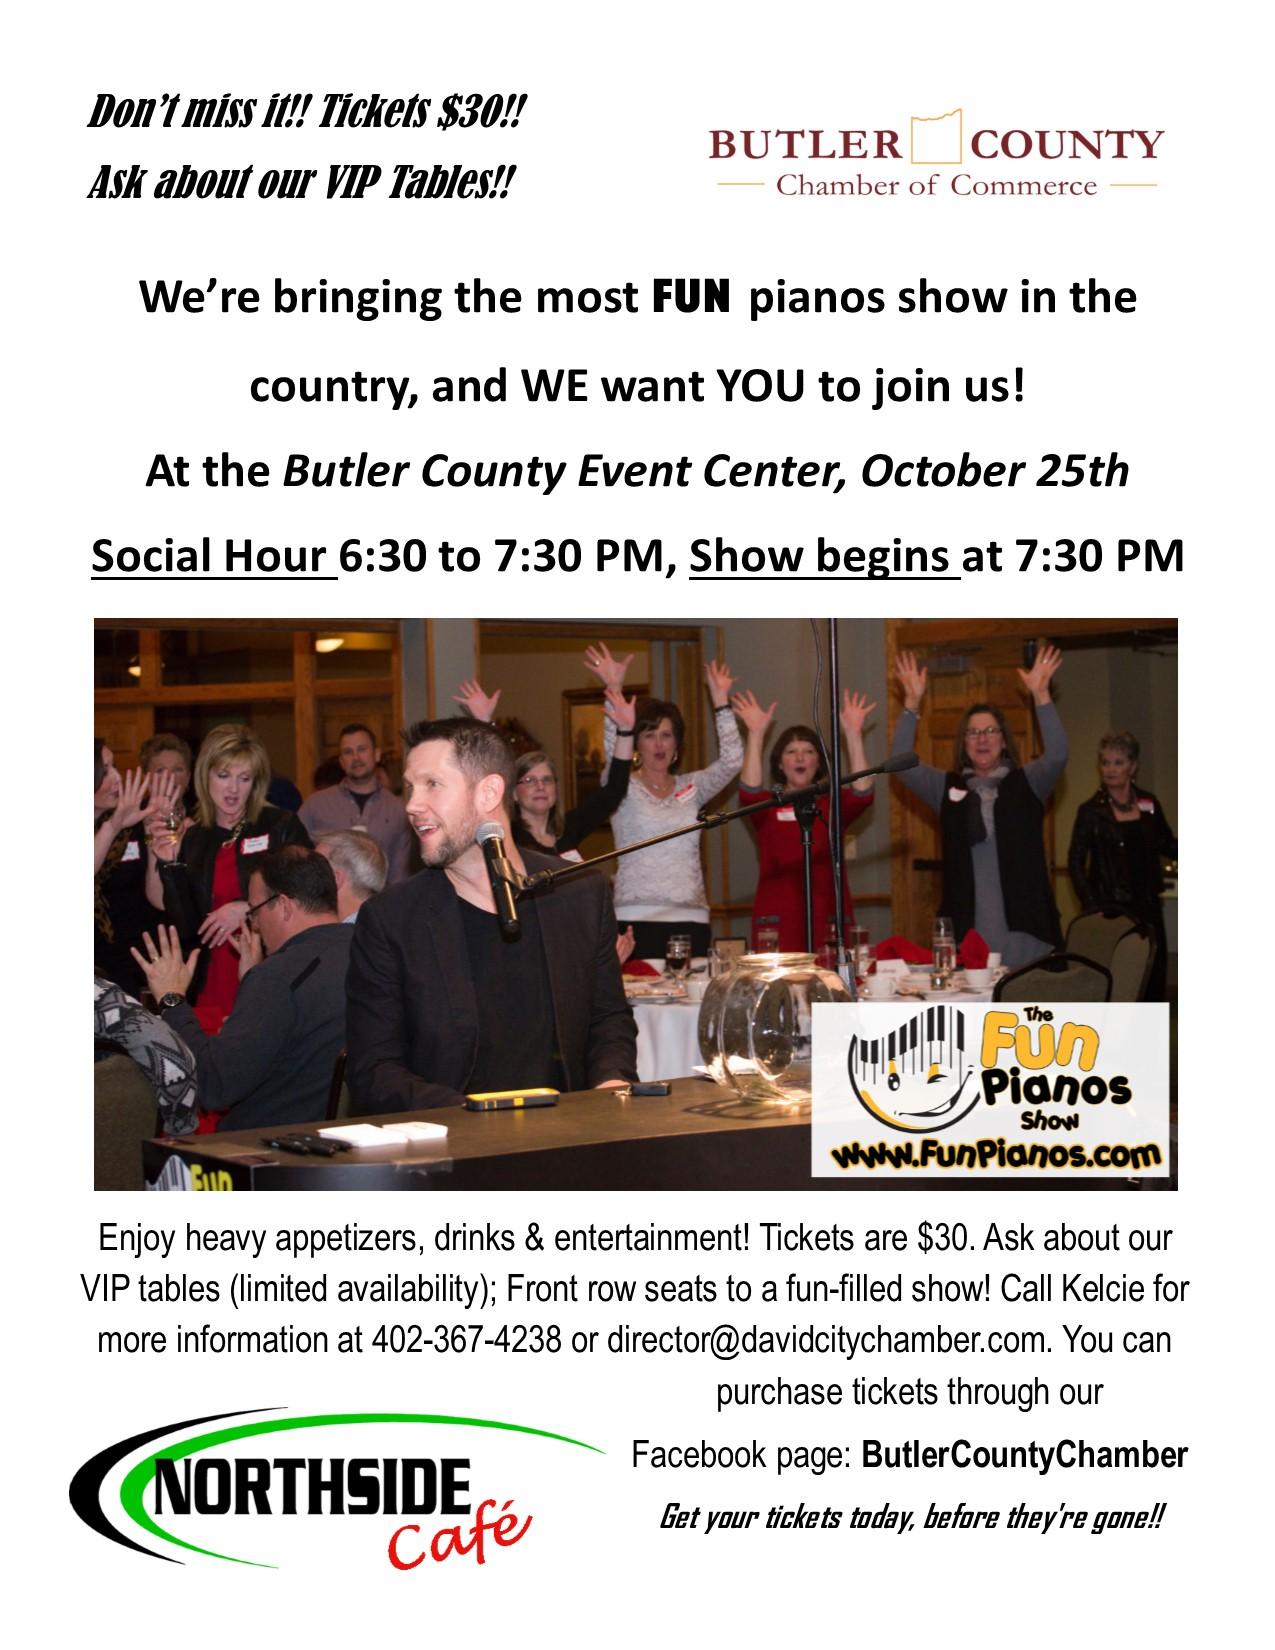 The FUN Pianos Show!!